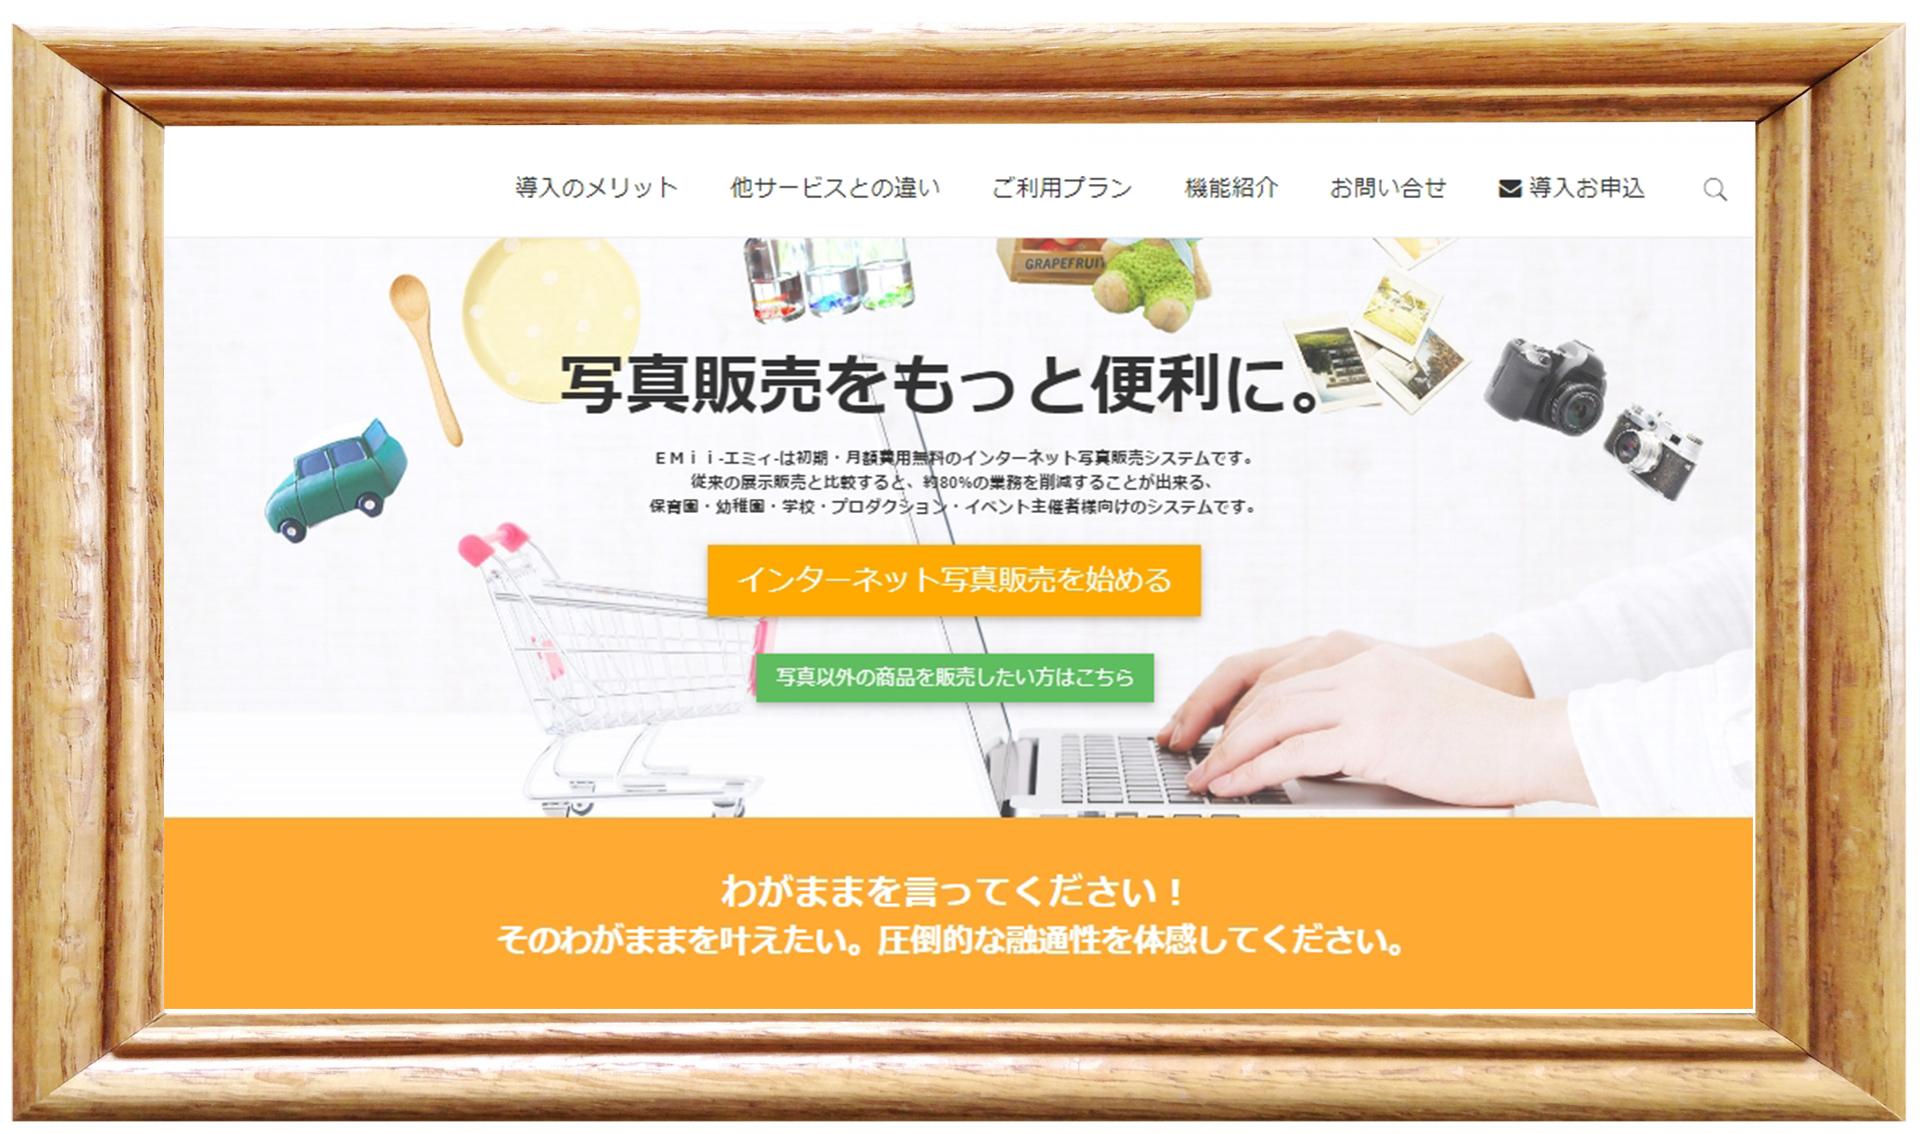 インターネット写真販売サービス